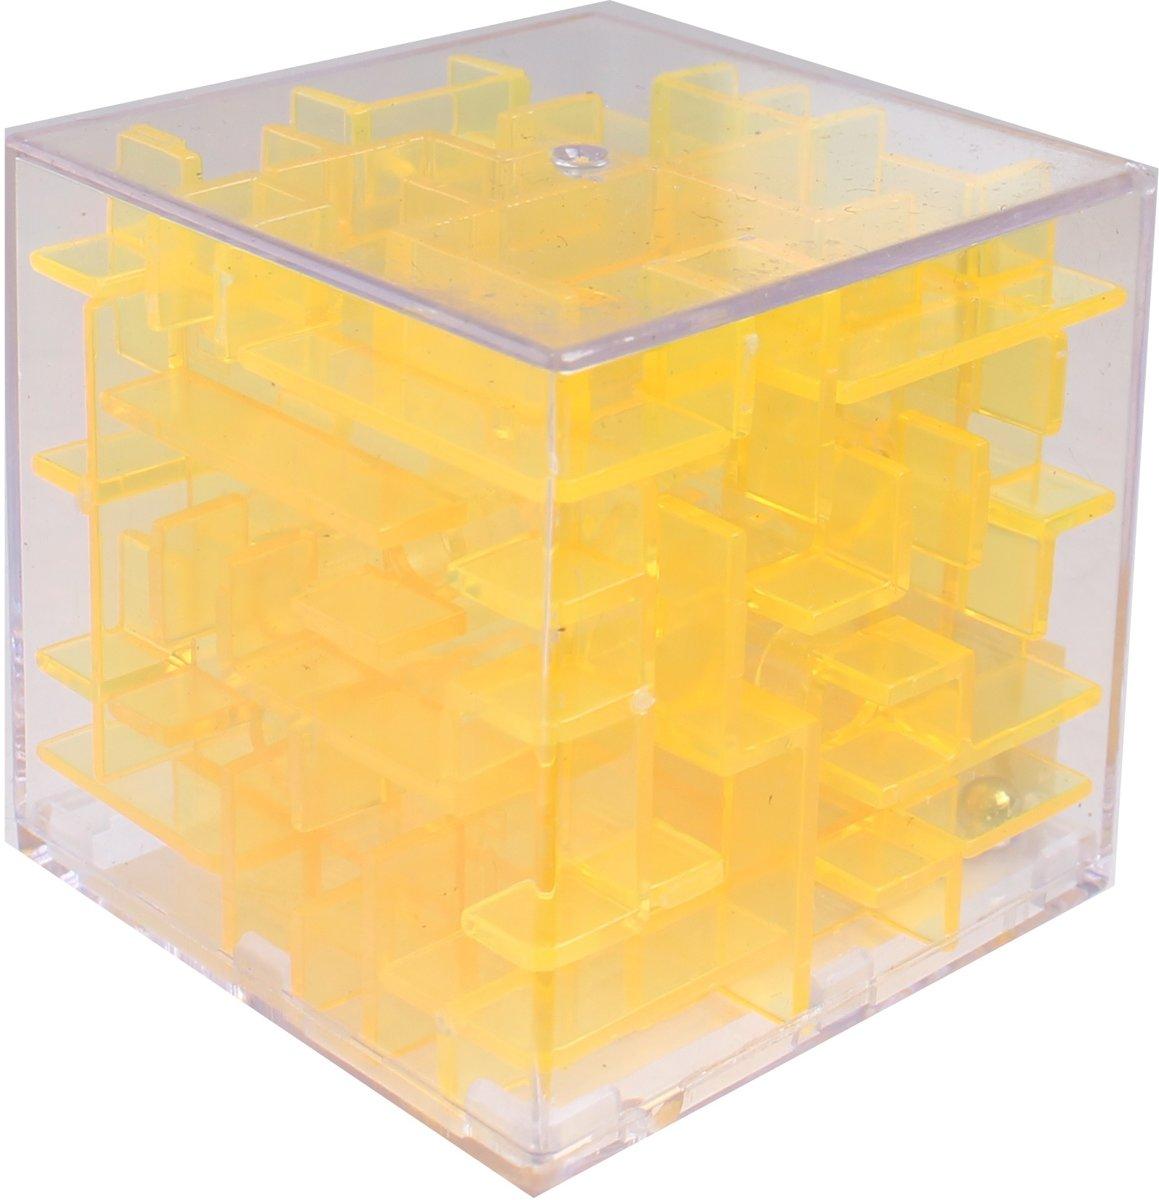 Tutti Frutti Mini-doolhof Transparant Geel 4 X 4 X 4 Cm kopen